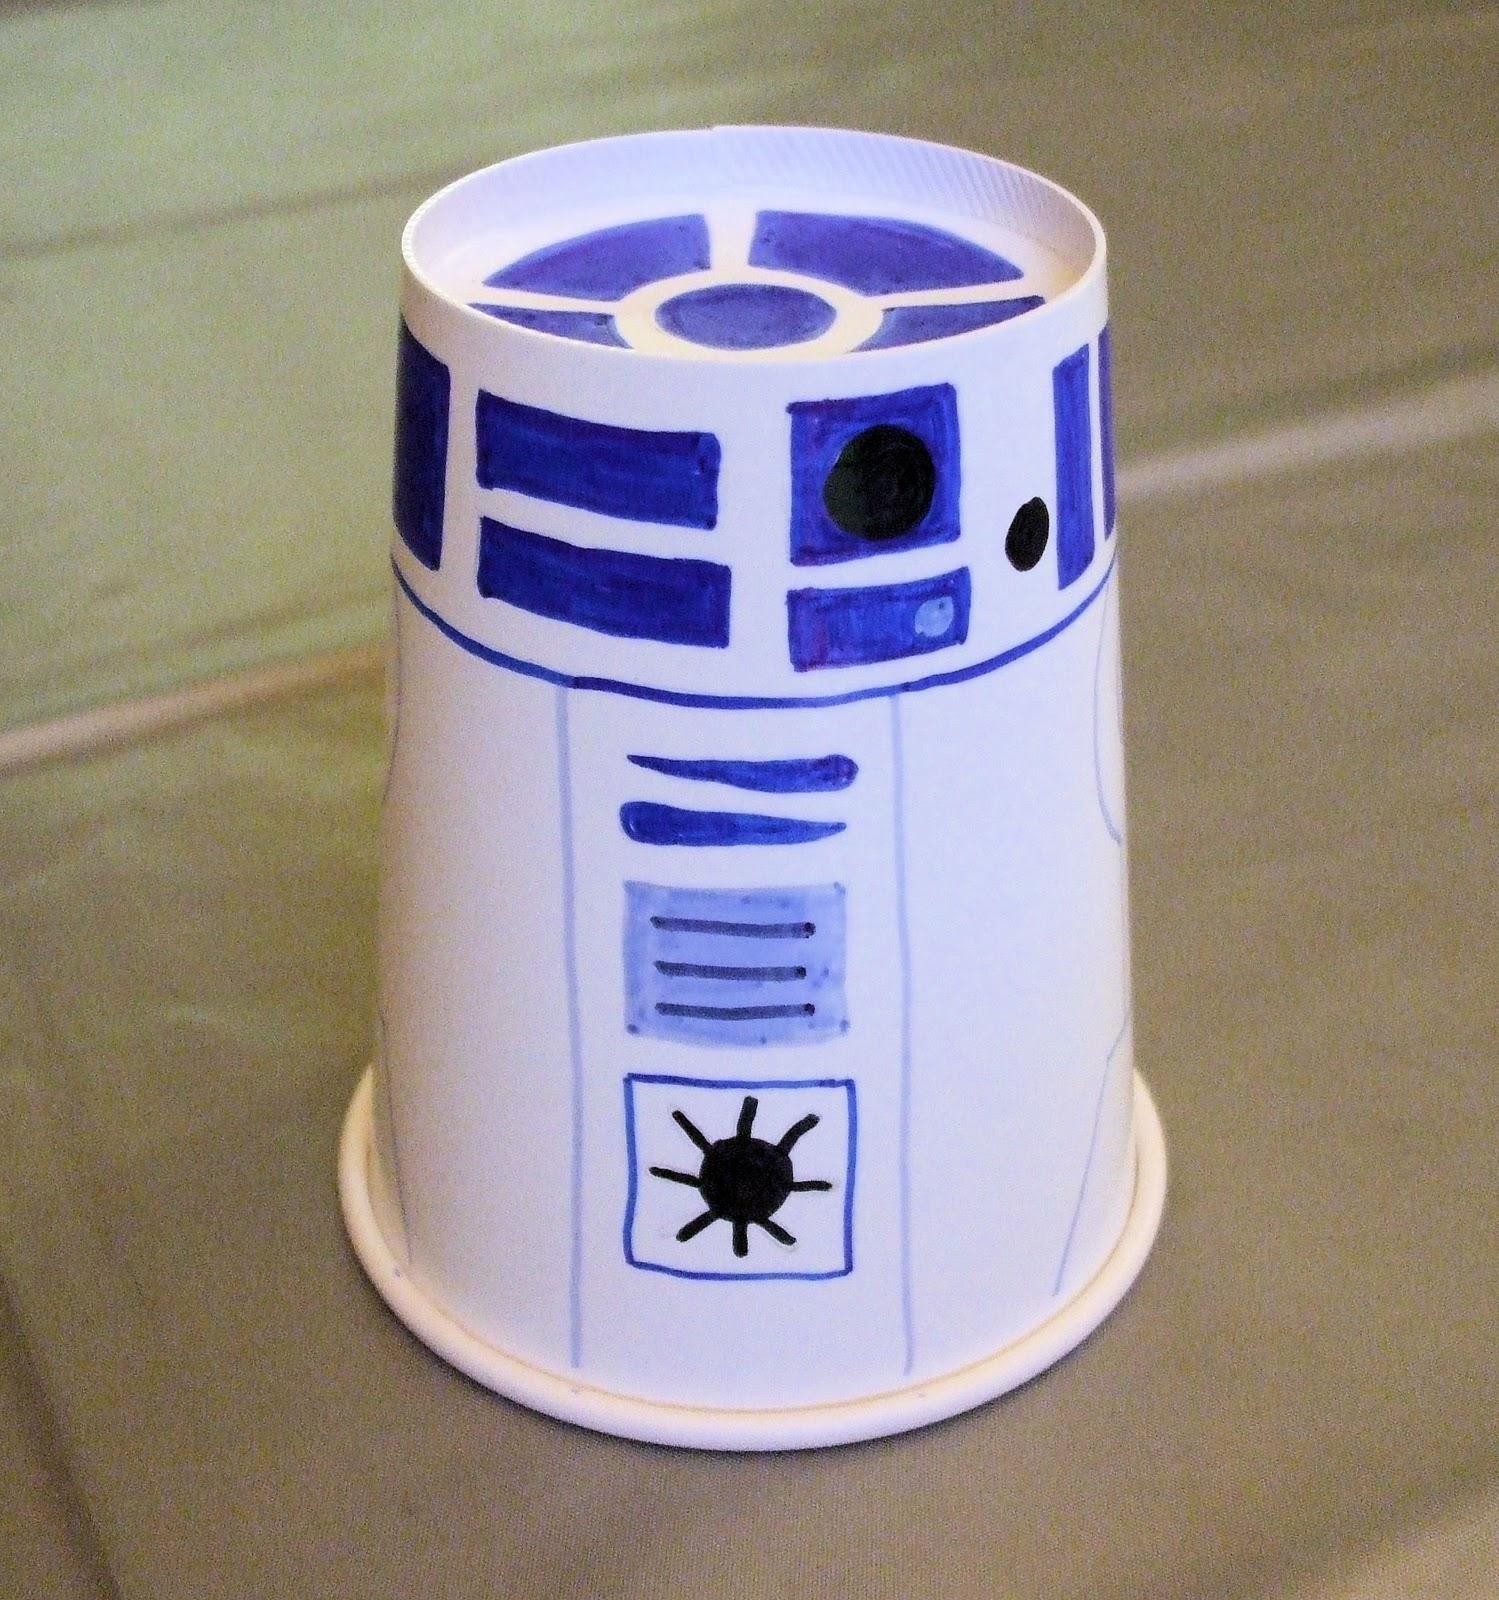 R2-d2 чашка: эта чашка r2-d2 обладает прикольным 2d эффектом и является прекрасным подарком для любого энтузиаста